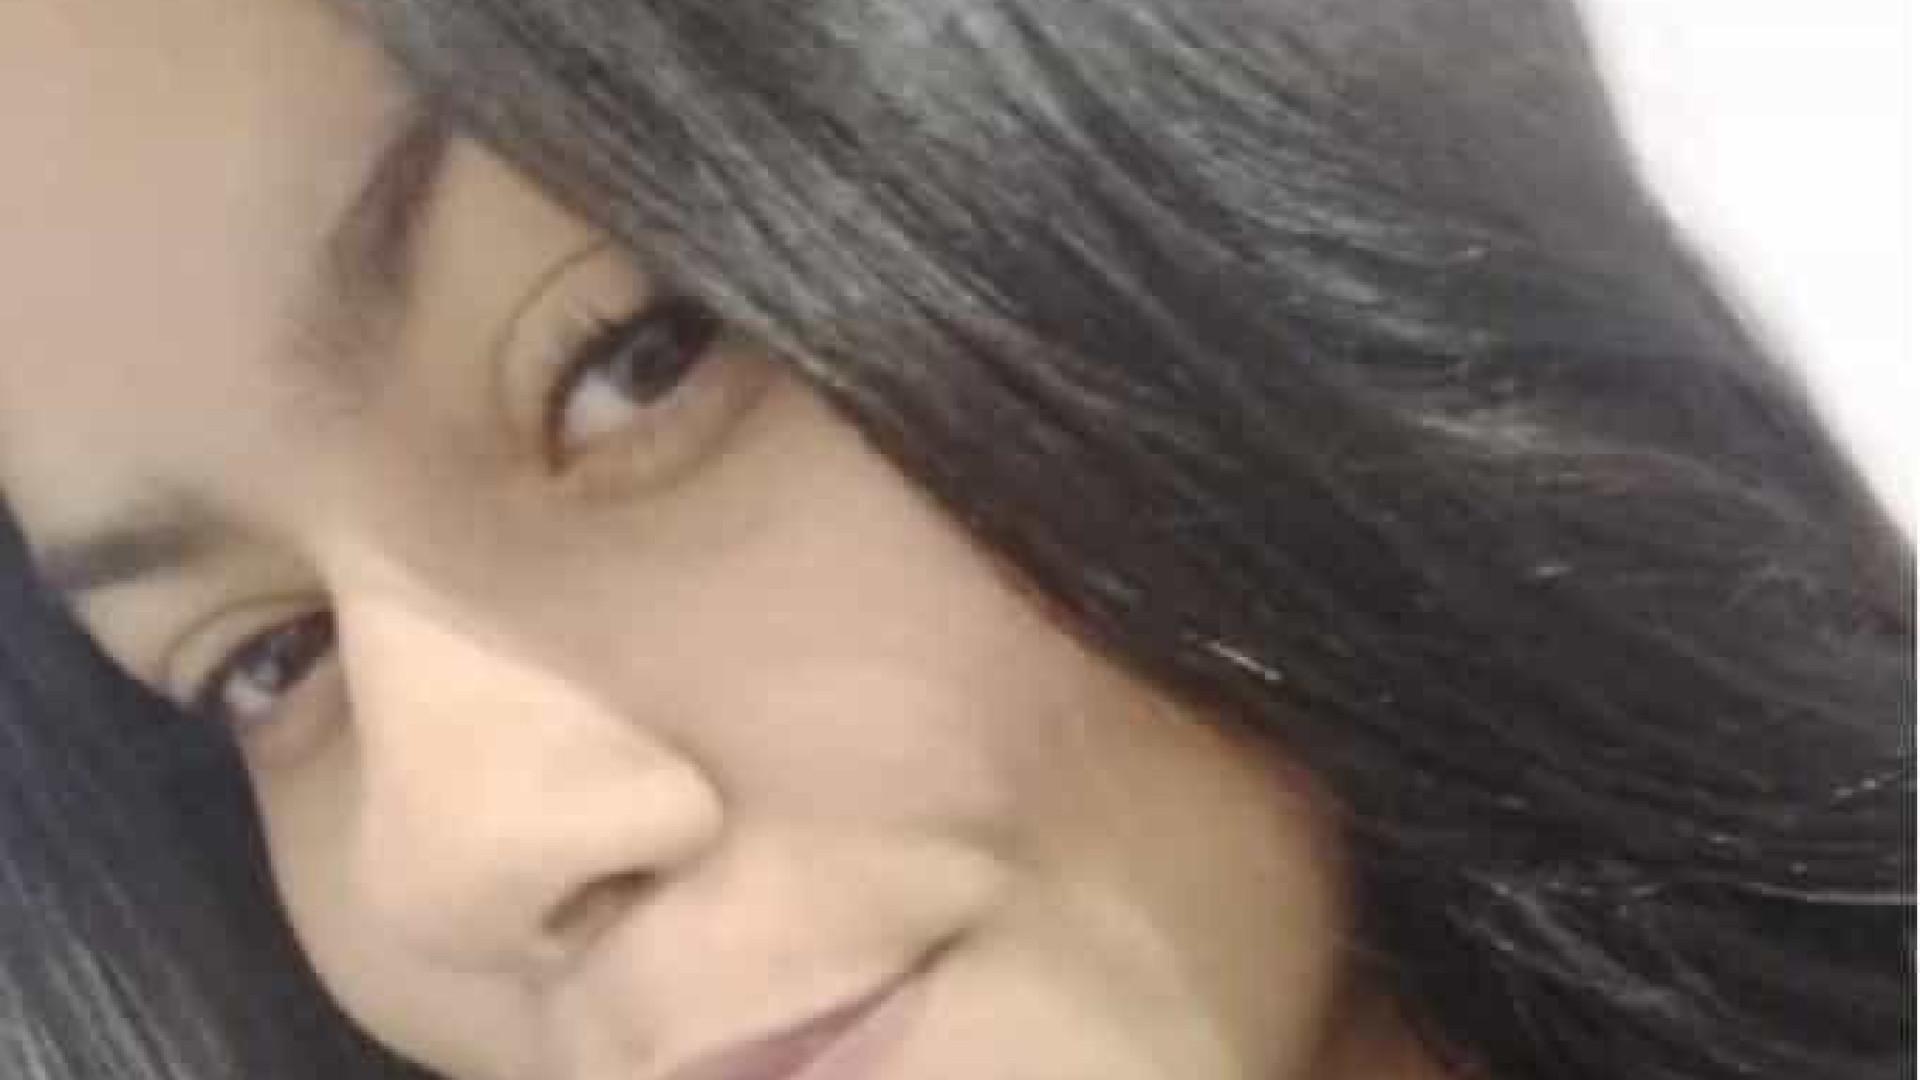 Jovem de 18 anos morre durante relação sexual em SP